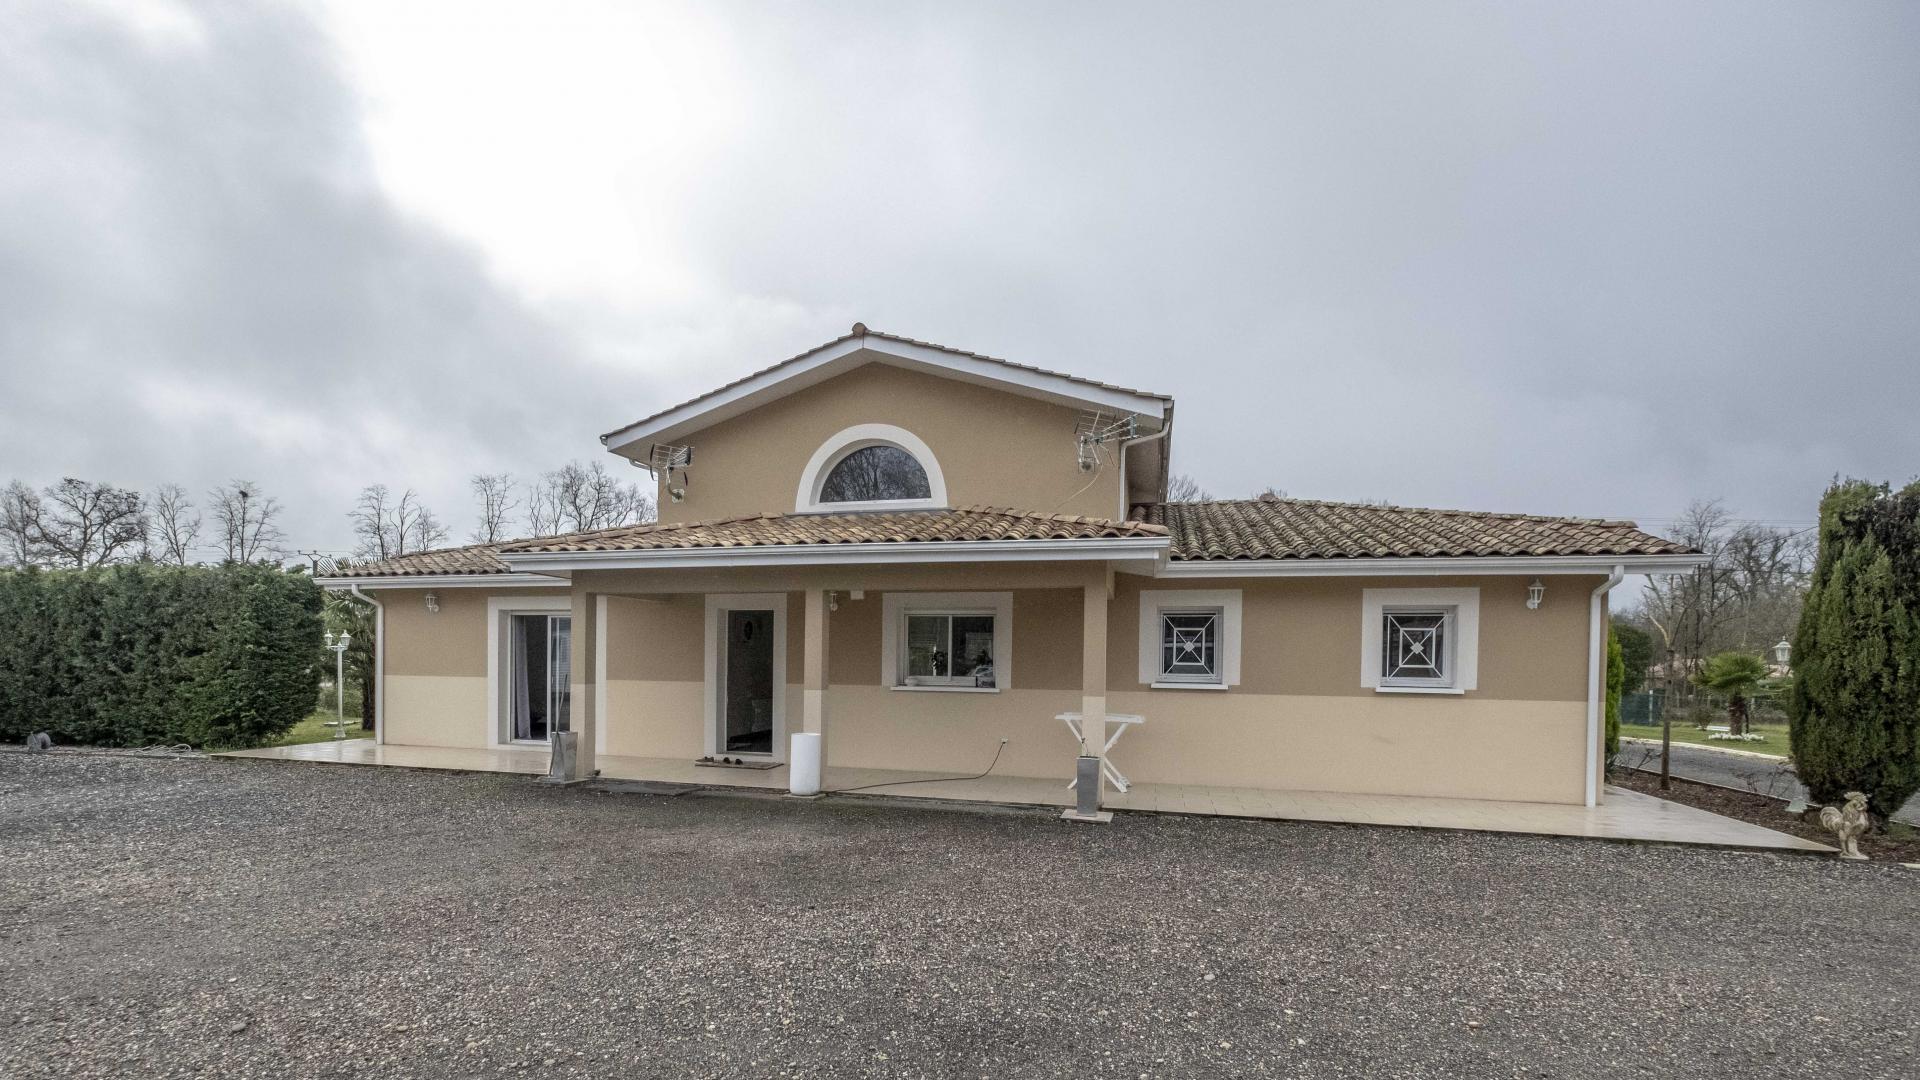 2 maisons  Idéales pour  professionnel et habitation ou grande famille